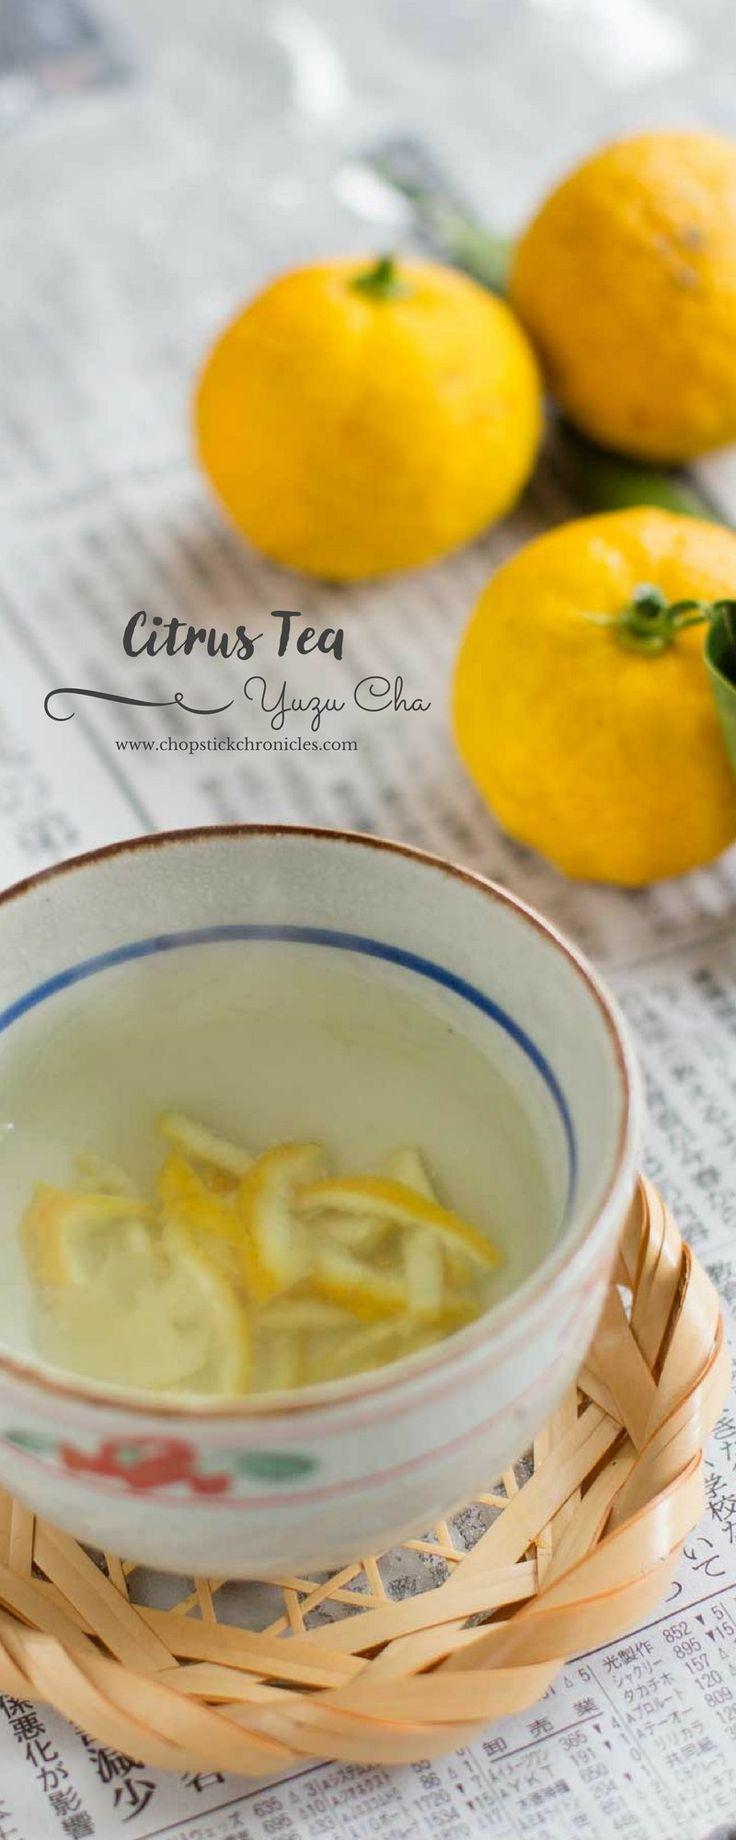 YUZU CHA JAPANESE CITRUS TEA ゆず茶